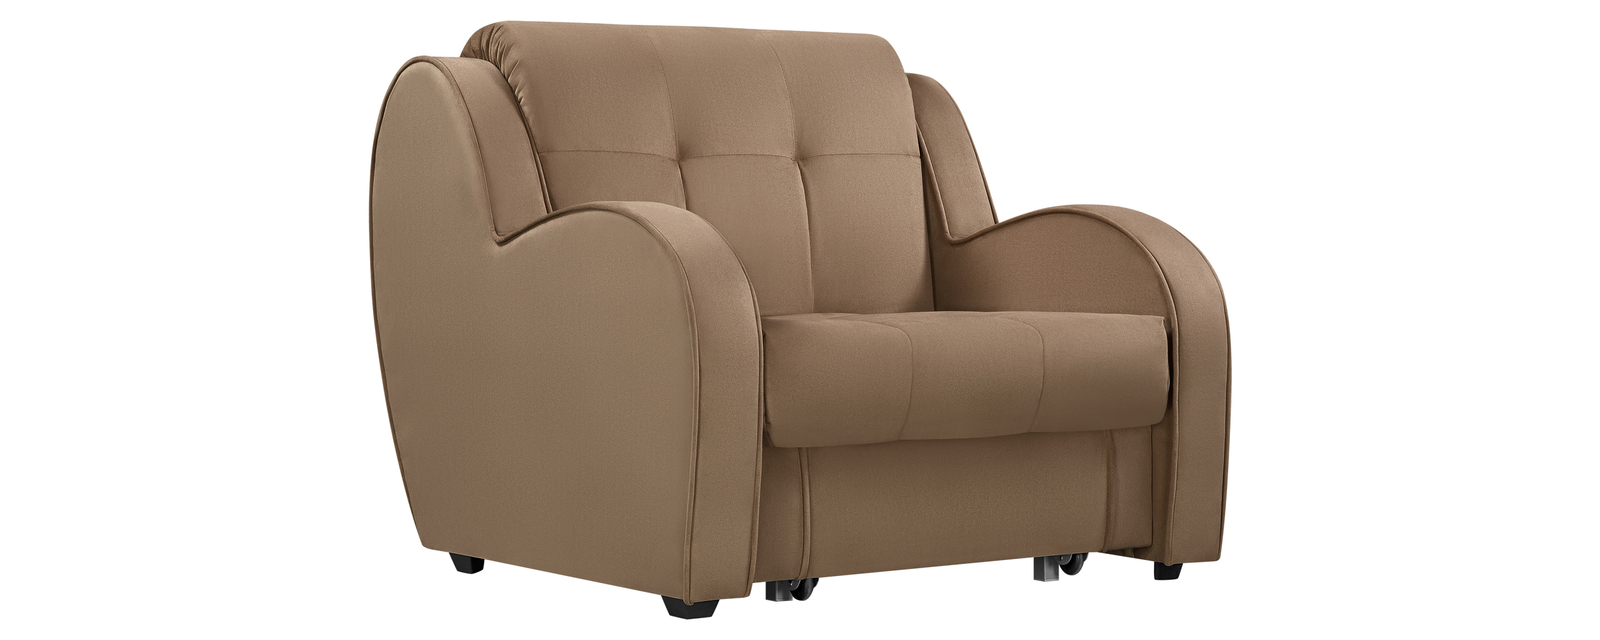 Кресло тканевое Барон Velure коричневый (Велюр) Барон